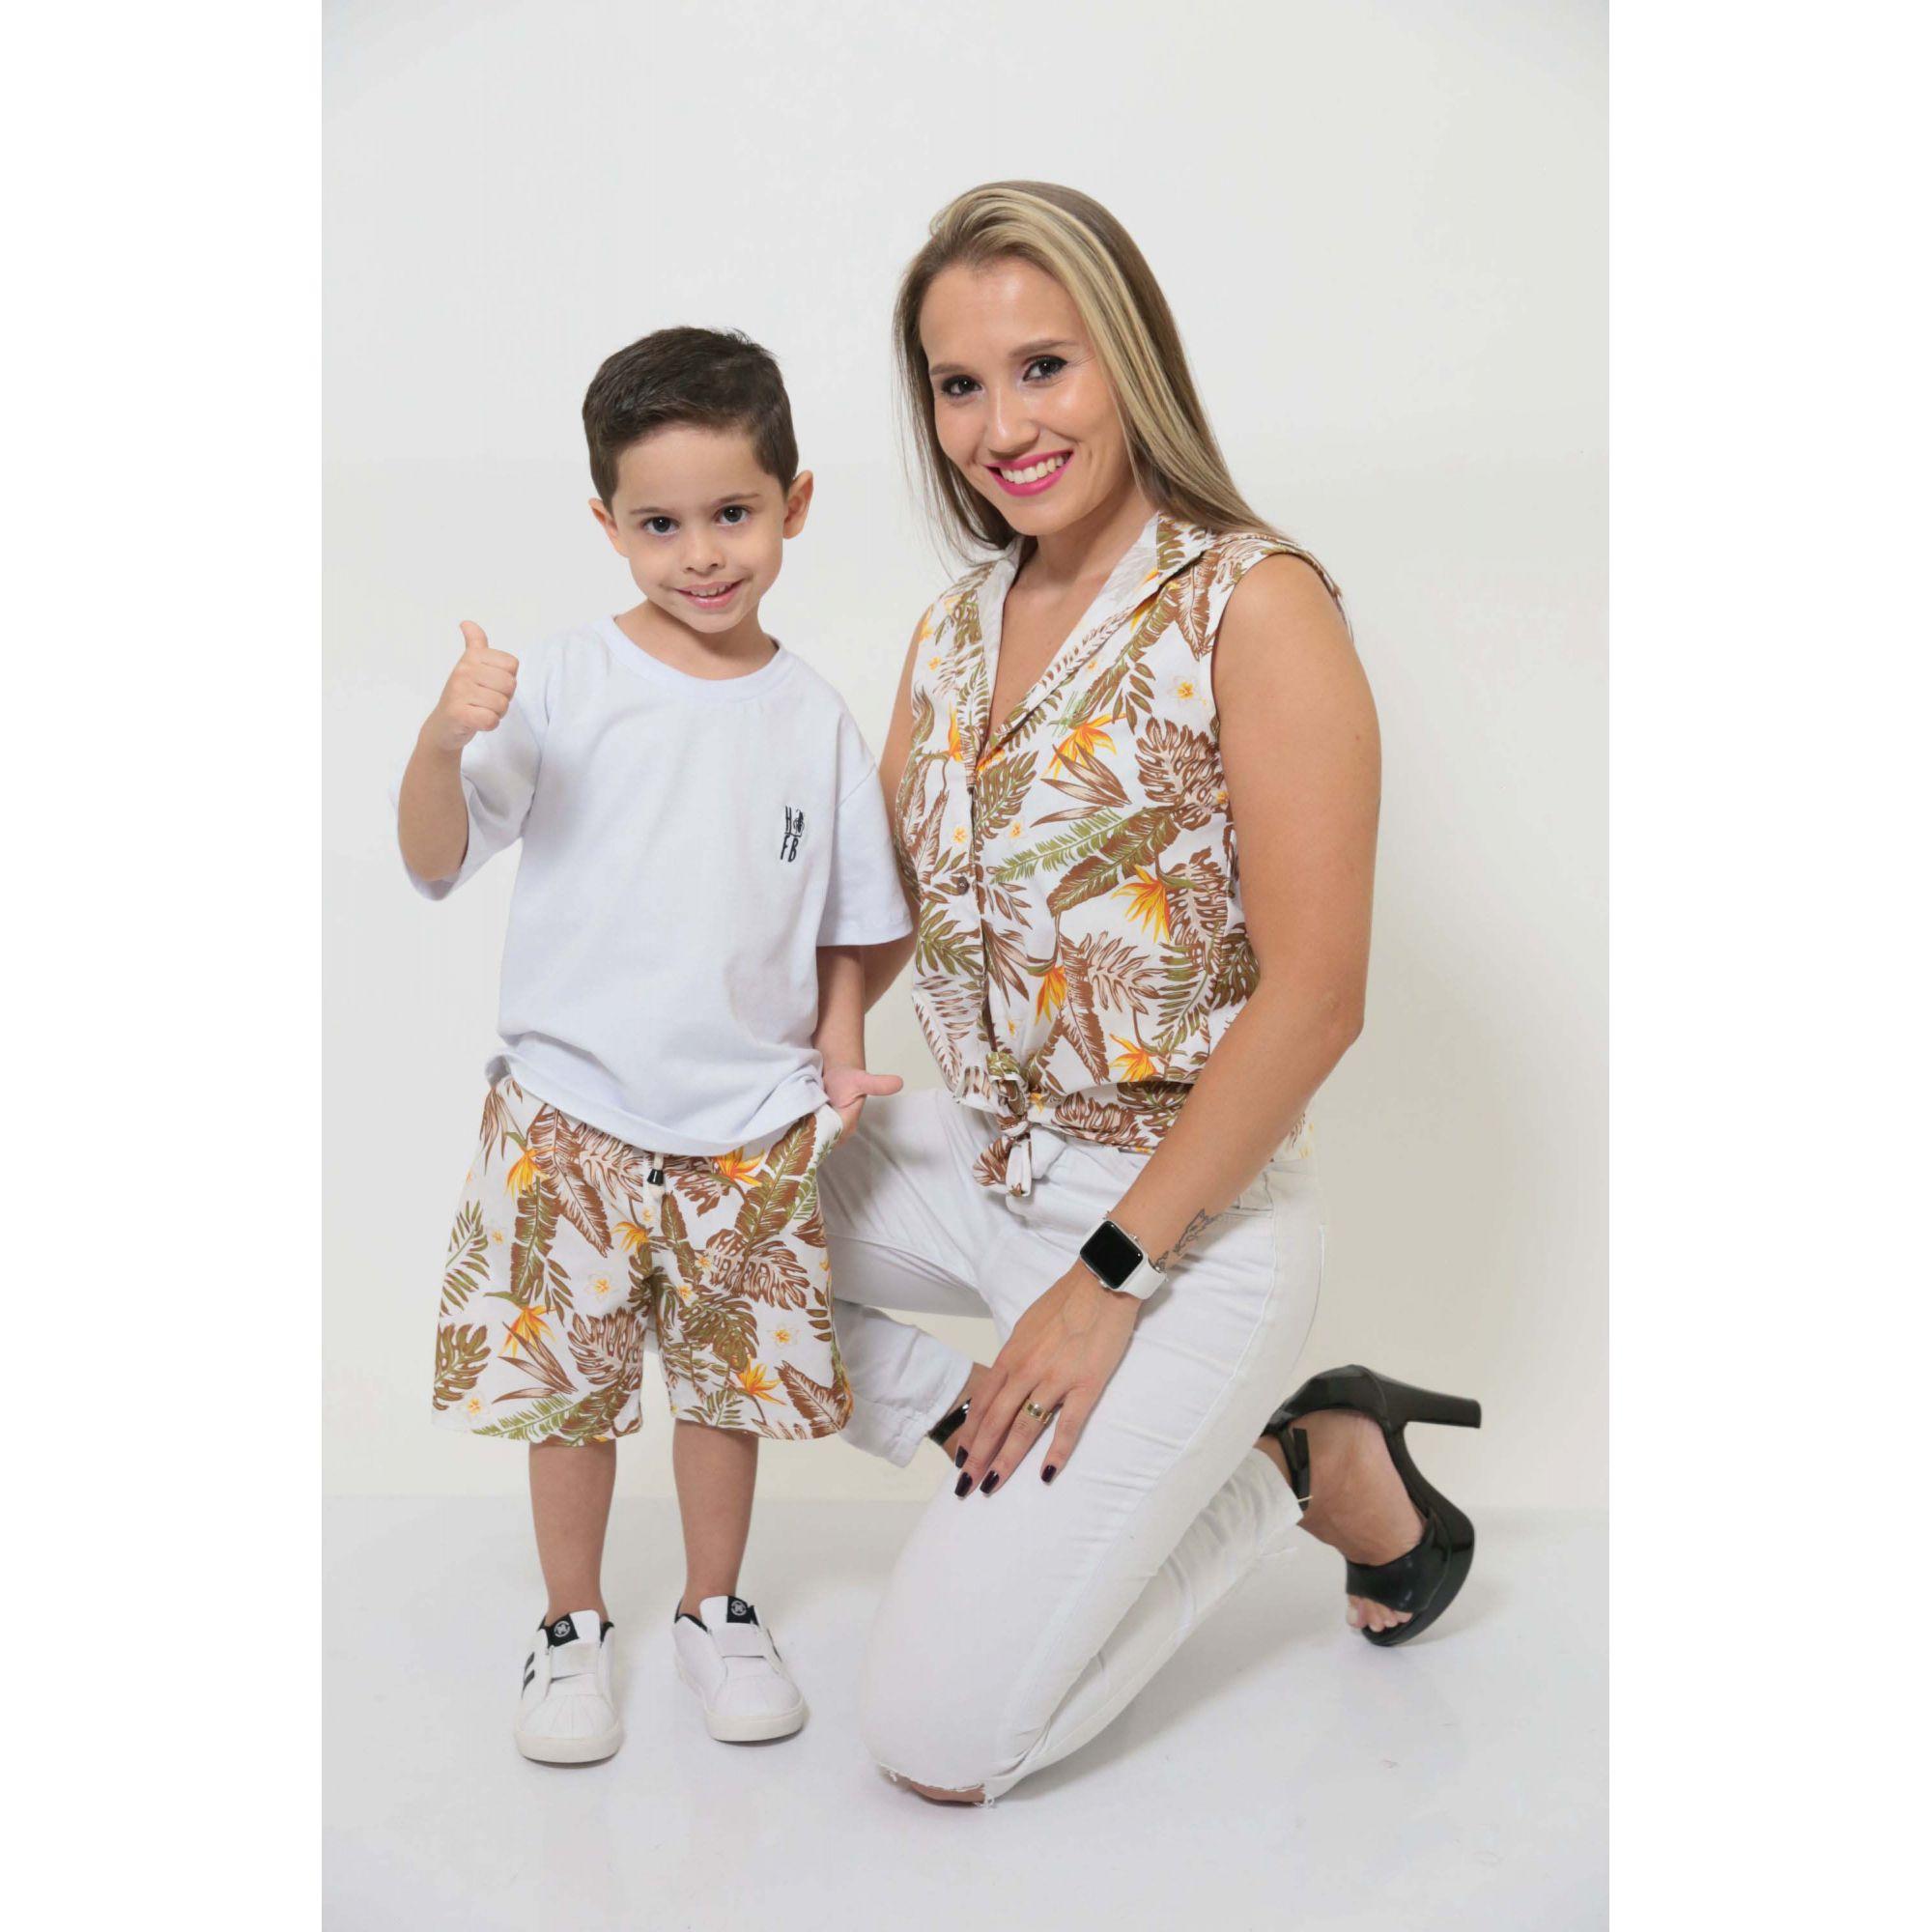 MÃE E FILHO > Camisa Feminina + Bermuda Infantil Amazonas [Coleção Tal Mãe Tal Filho]